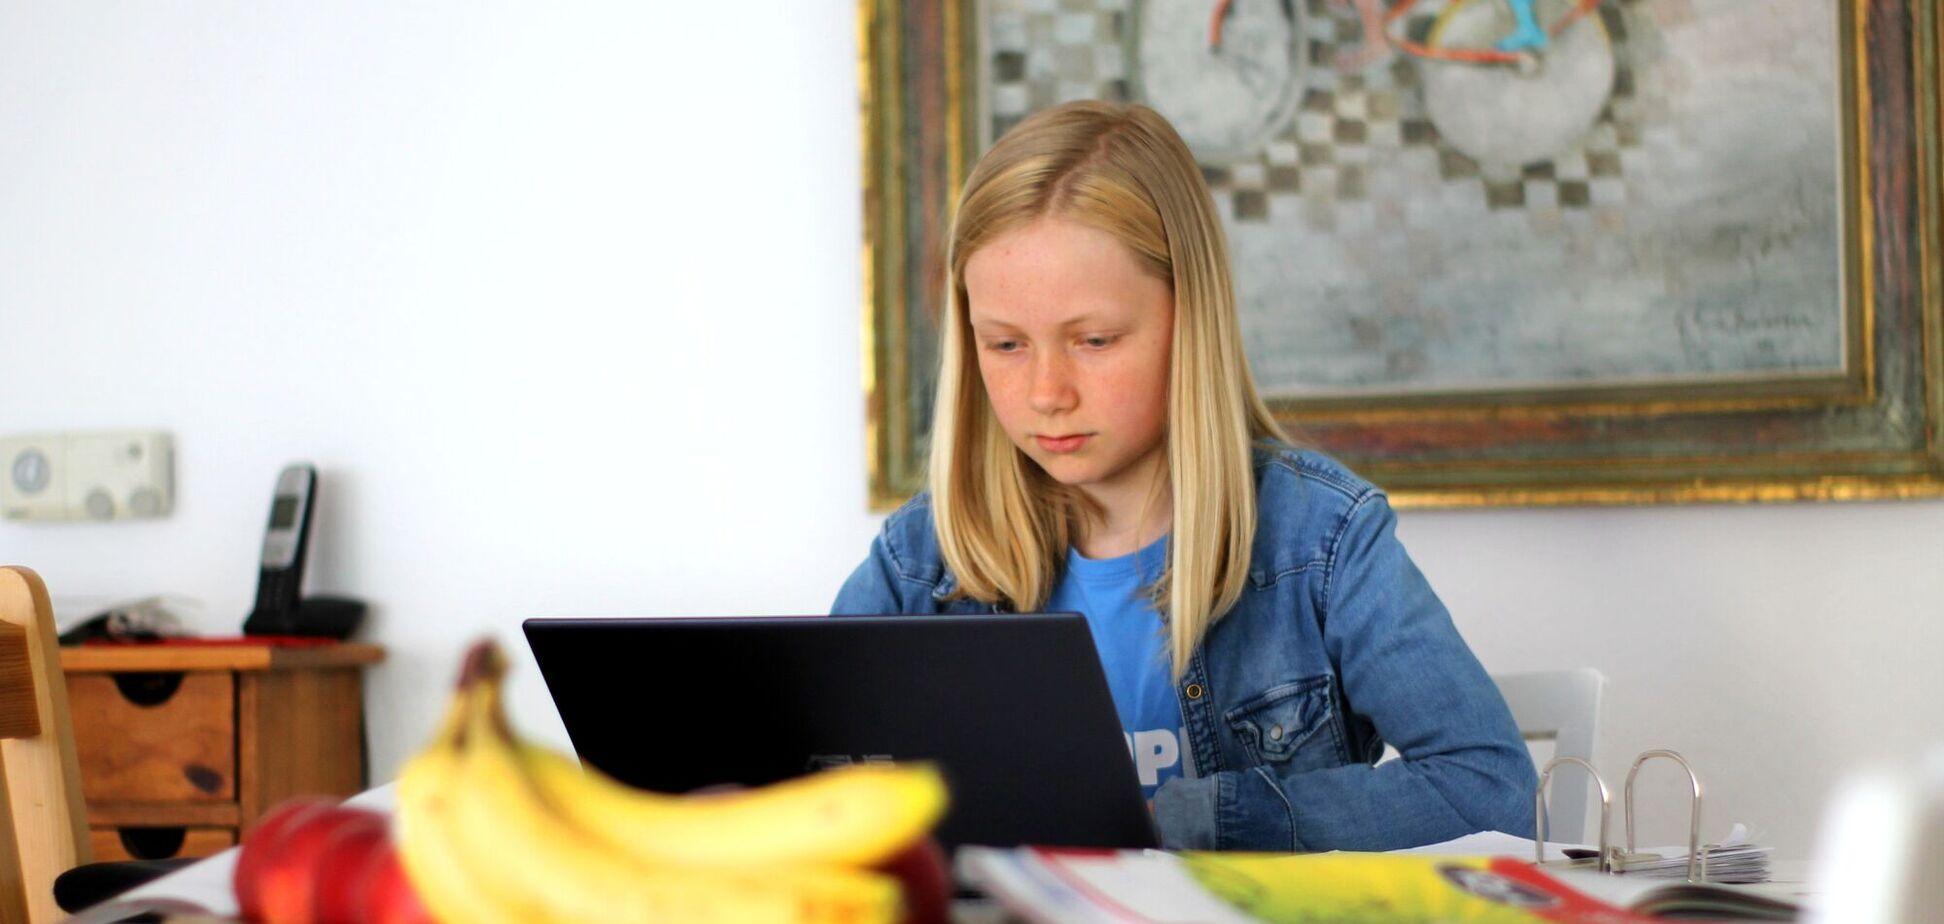 Наиболее популярны для дистанционного обучения программы Moodle, Google Classroom и Microsoft Teams